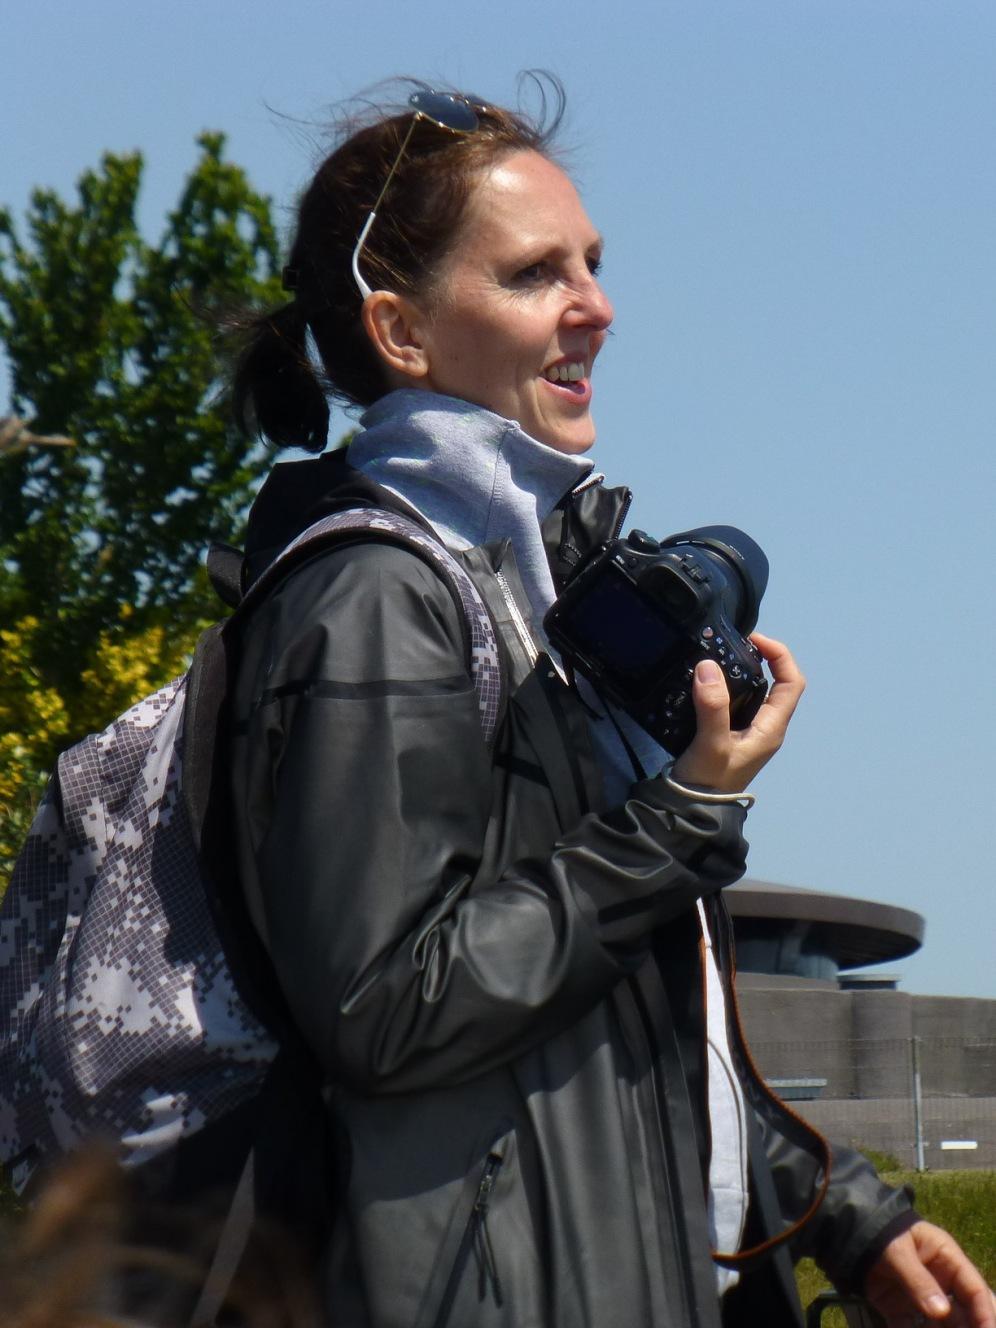 Regine-Lemarchand-Photographe-Professionnelle